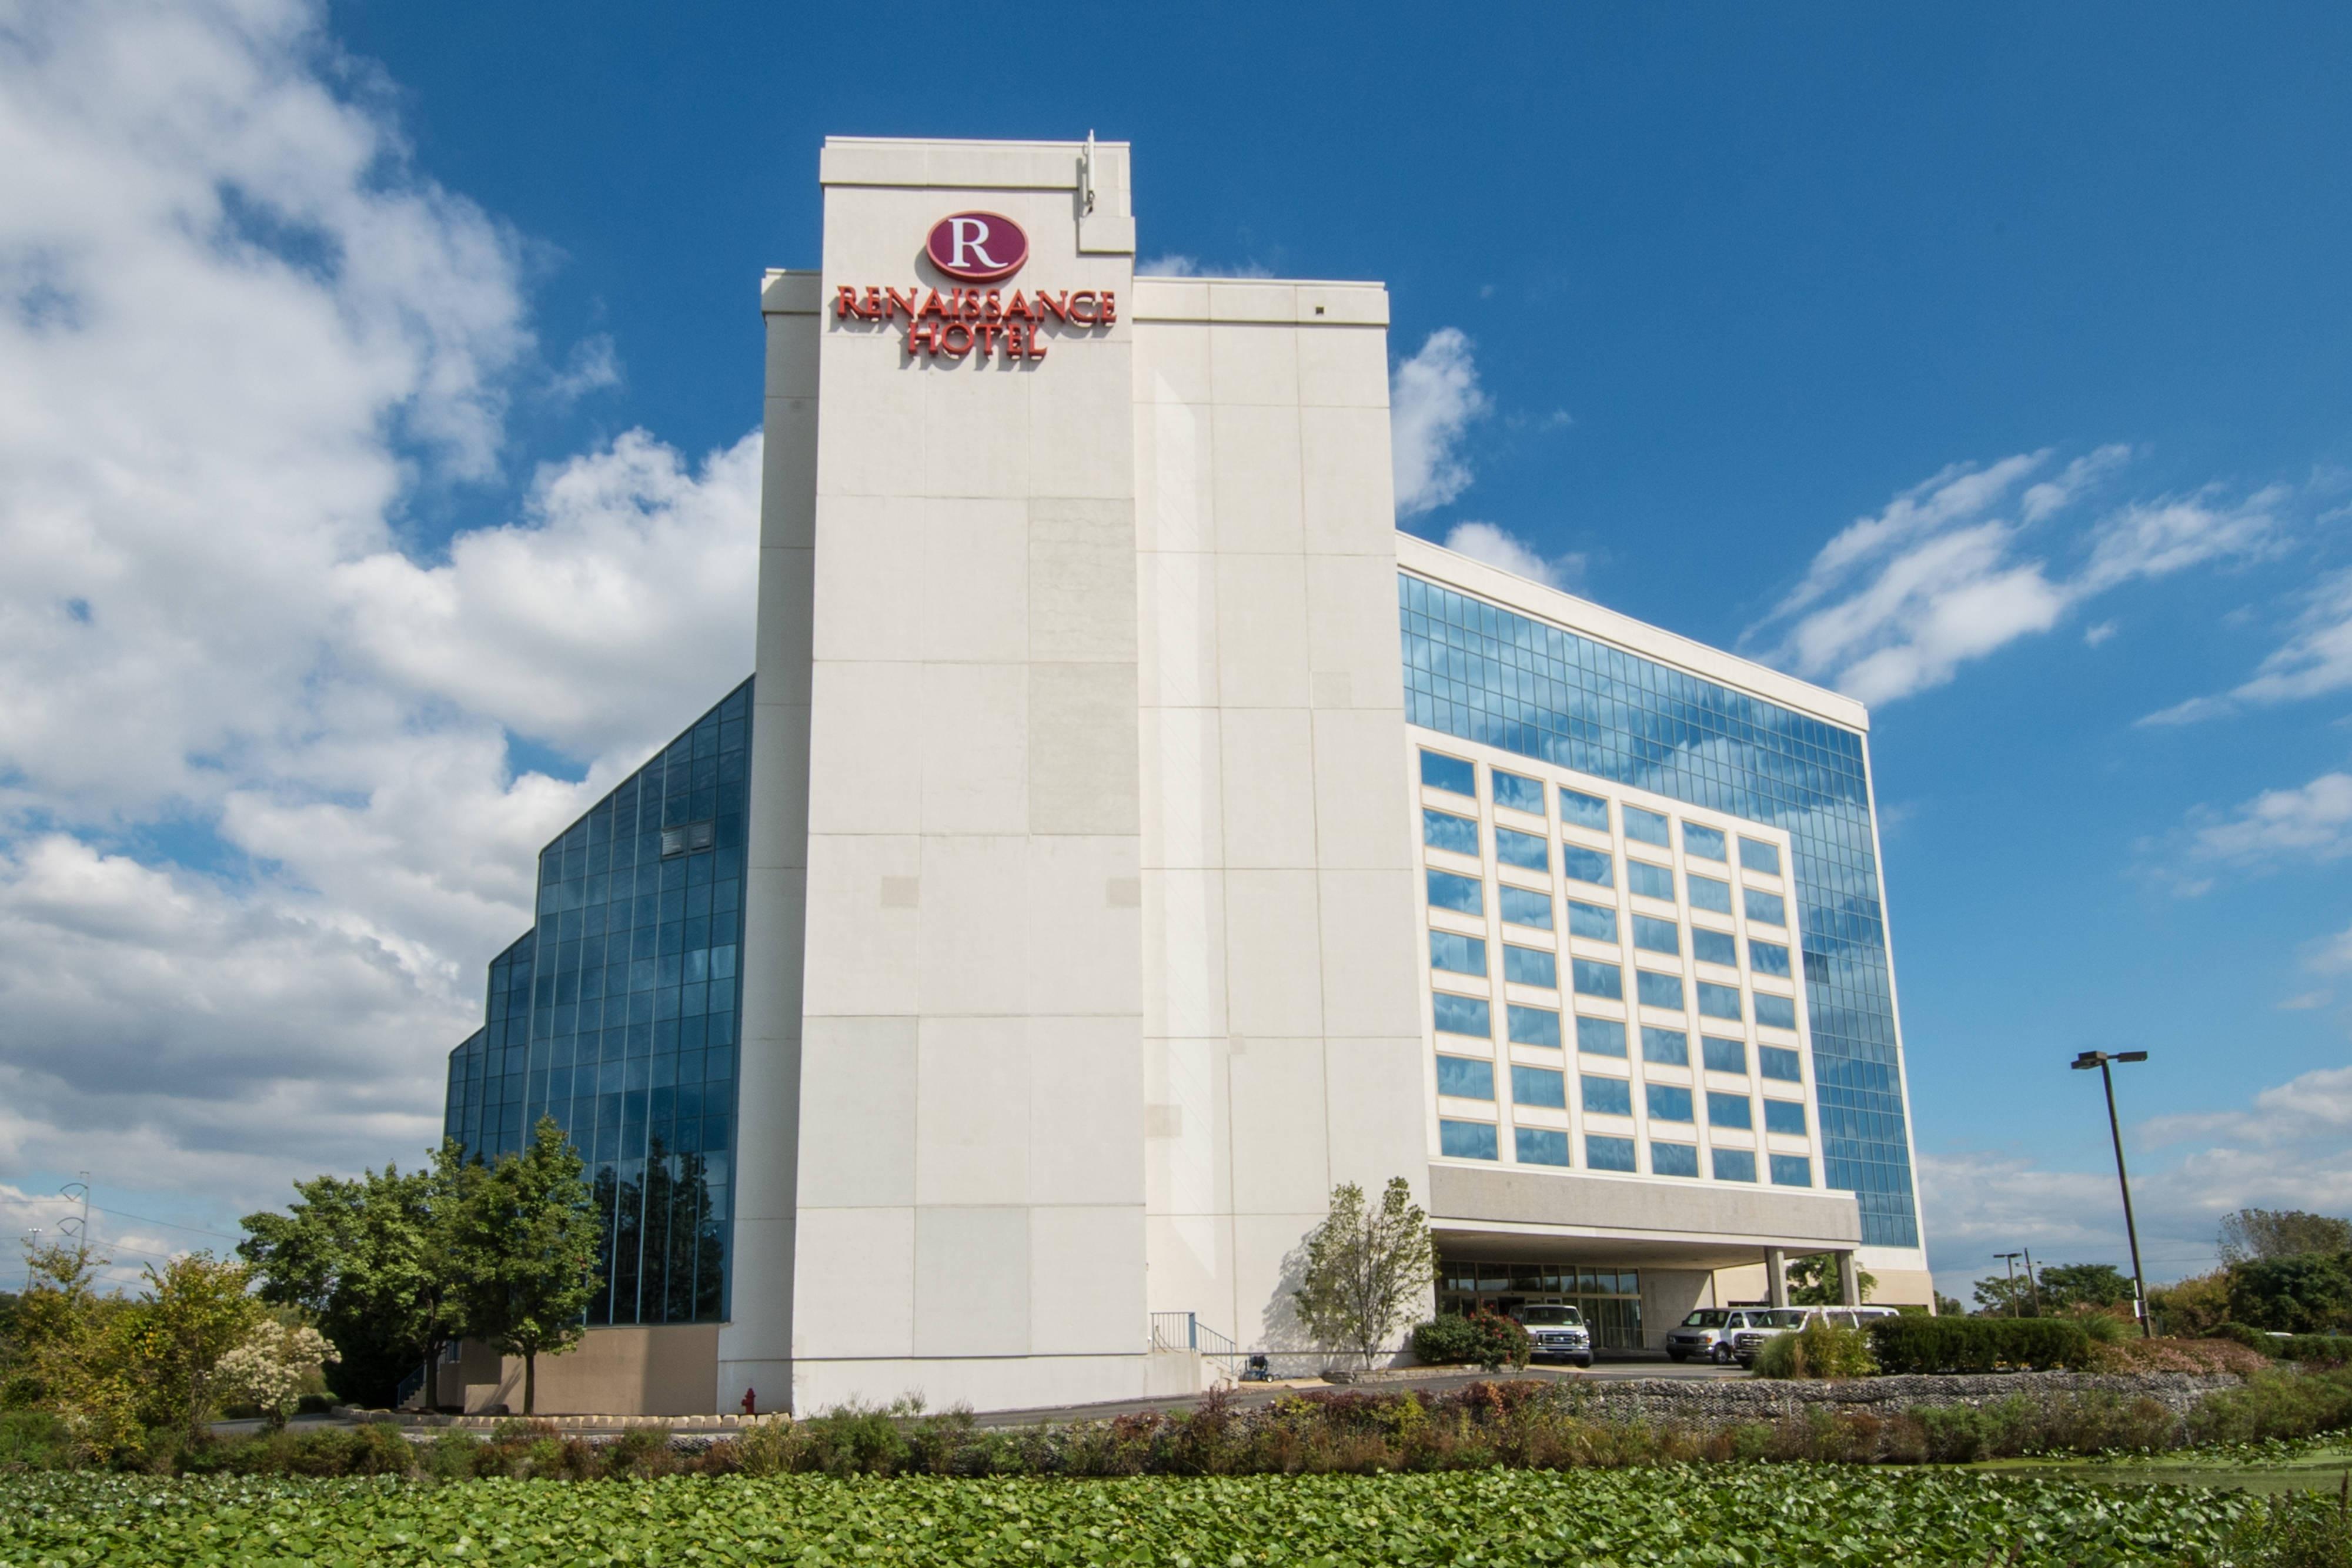 Philadelphia hotel exterior